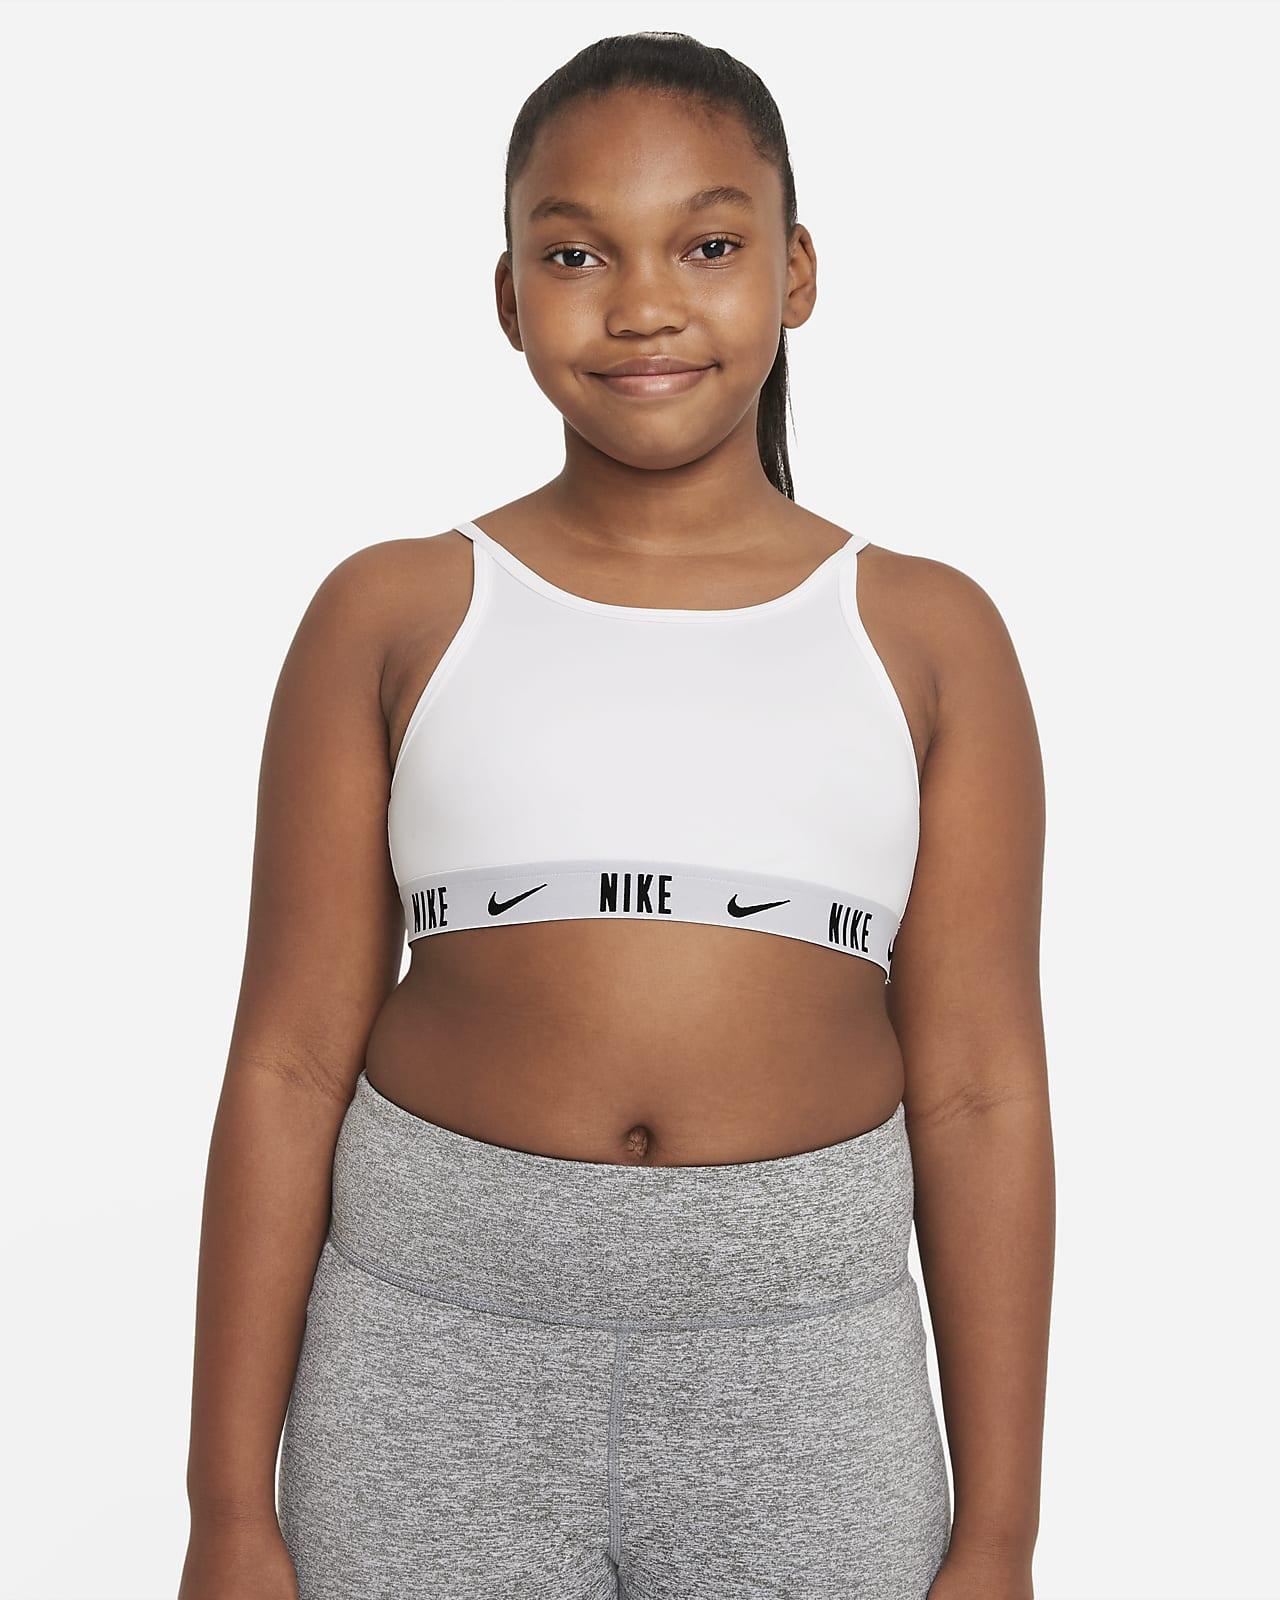 Nike Trophy Genç Çocuk (Kız) Sütyeni (Geniş Beden)